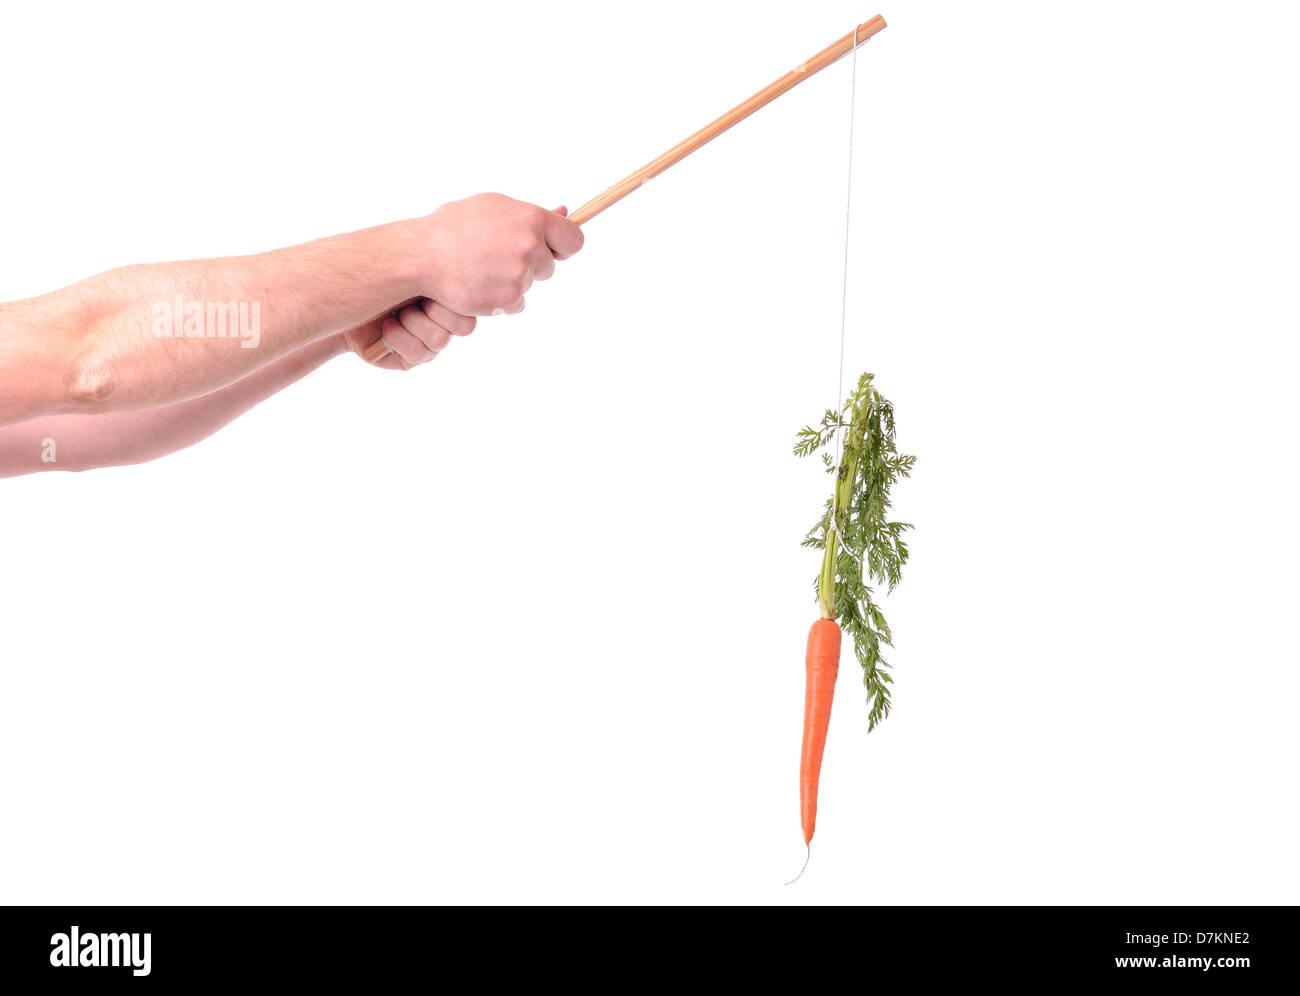 La motivation de se balançant une carotte sur un bâton isolated on white Photo Stock